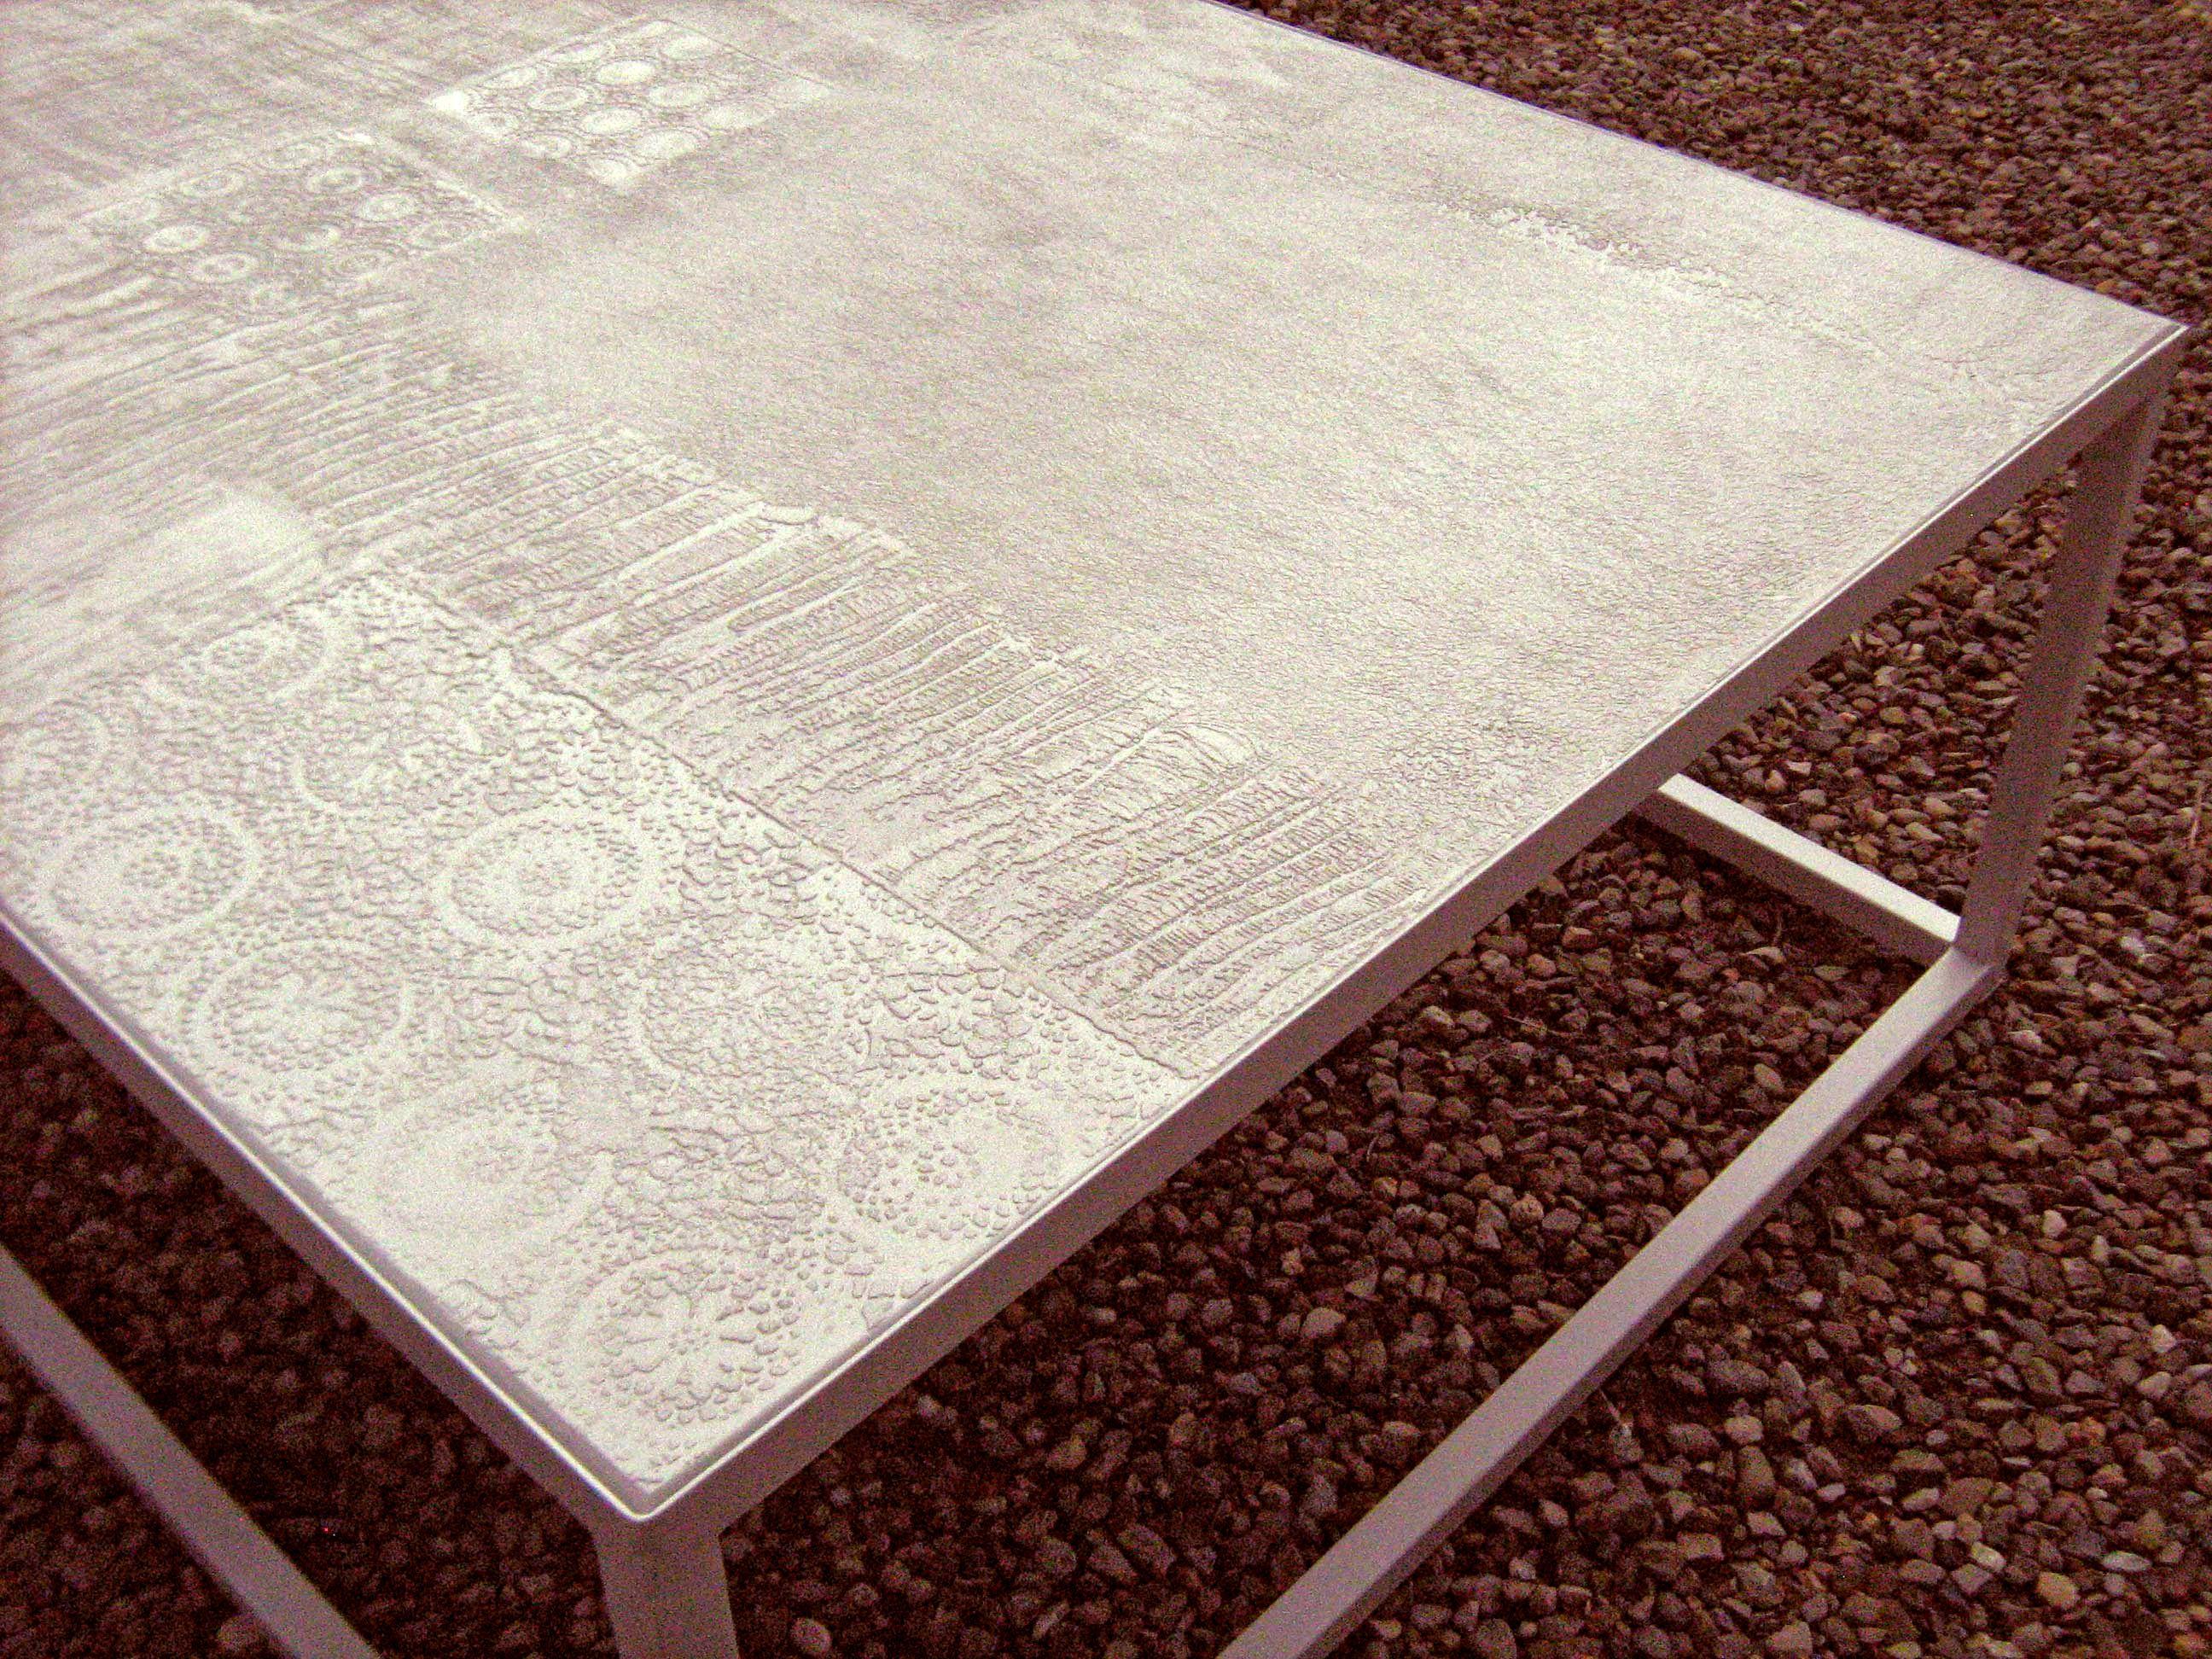 Tavolo In Cemento Da Giardino.Tavolo Da Giardino In Micro Cemento E Resina Decorazione A Testure